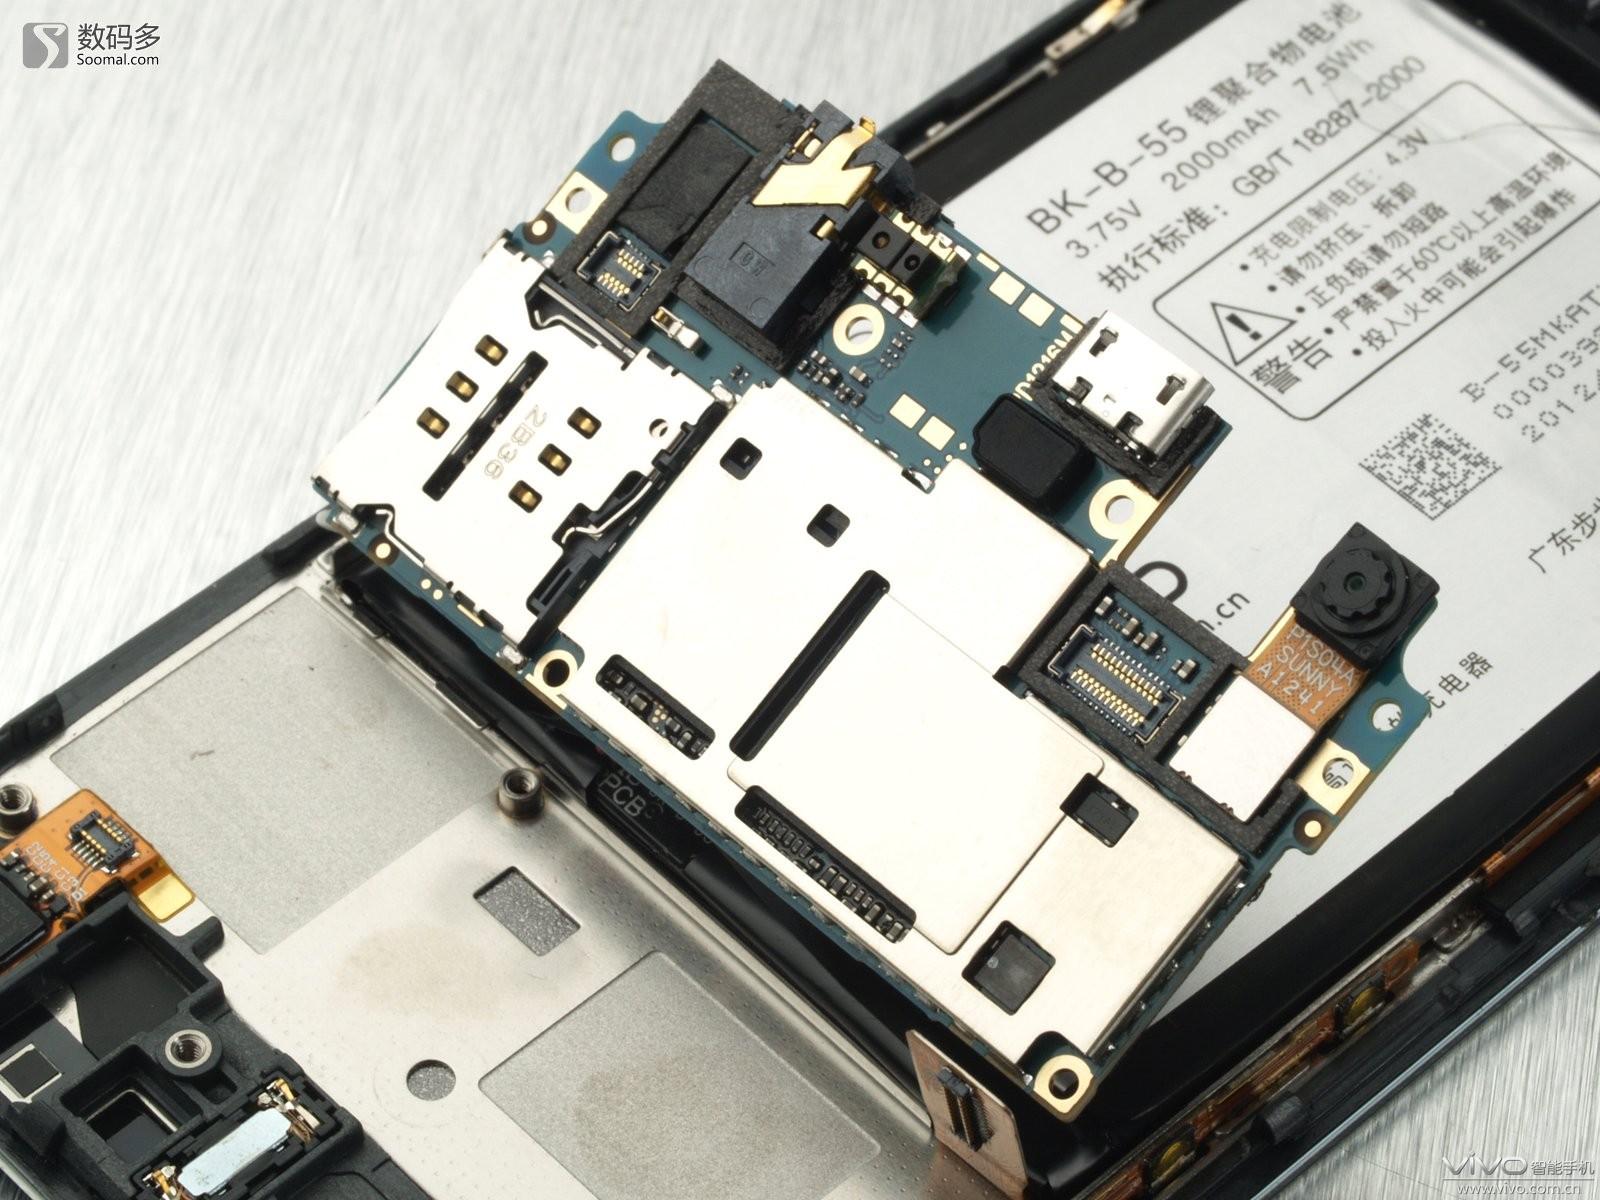 vivo X1是步步高最新发布的一款智能手机,它主打音乐功能,采用Cirrus Logic的音频解决方案:CS4398+CS8422。其中,CS4398是一颗DAC芯片,支持24bit/192kHz采样,信噪比120dB,而CS8422是一颗带数字音频接收功能的SRC芯片。vivo X1的另一大亮点是采用超薄机身设计,据官方称:其机身厚度仅为6.